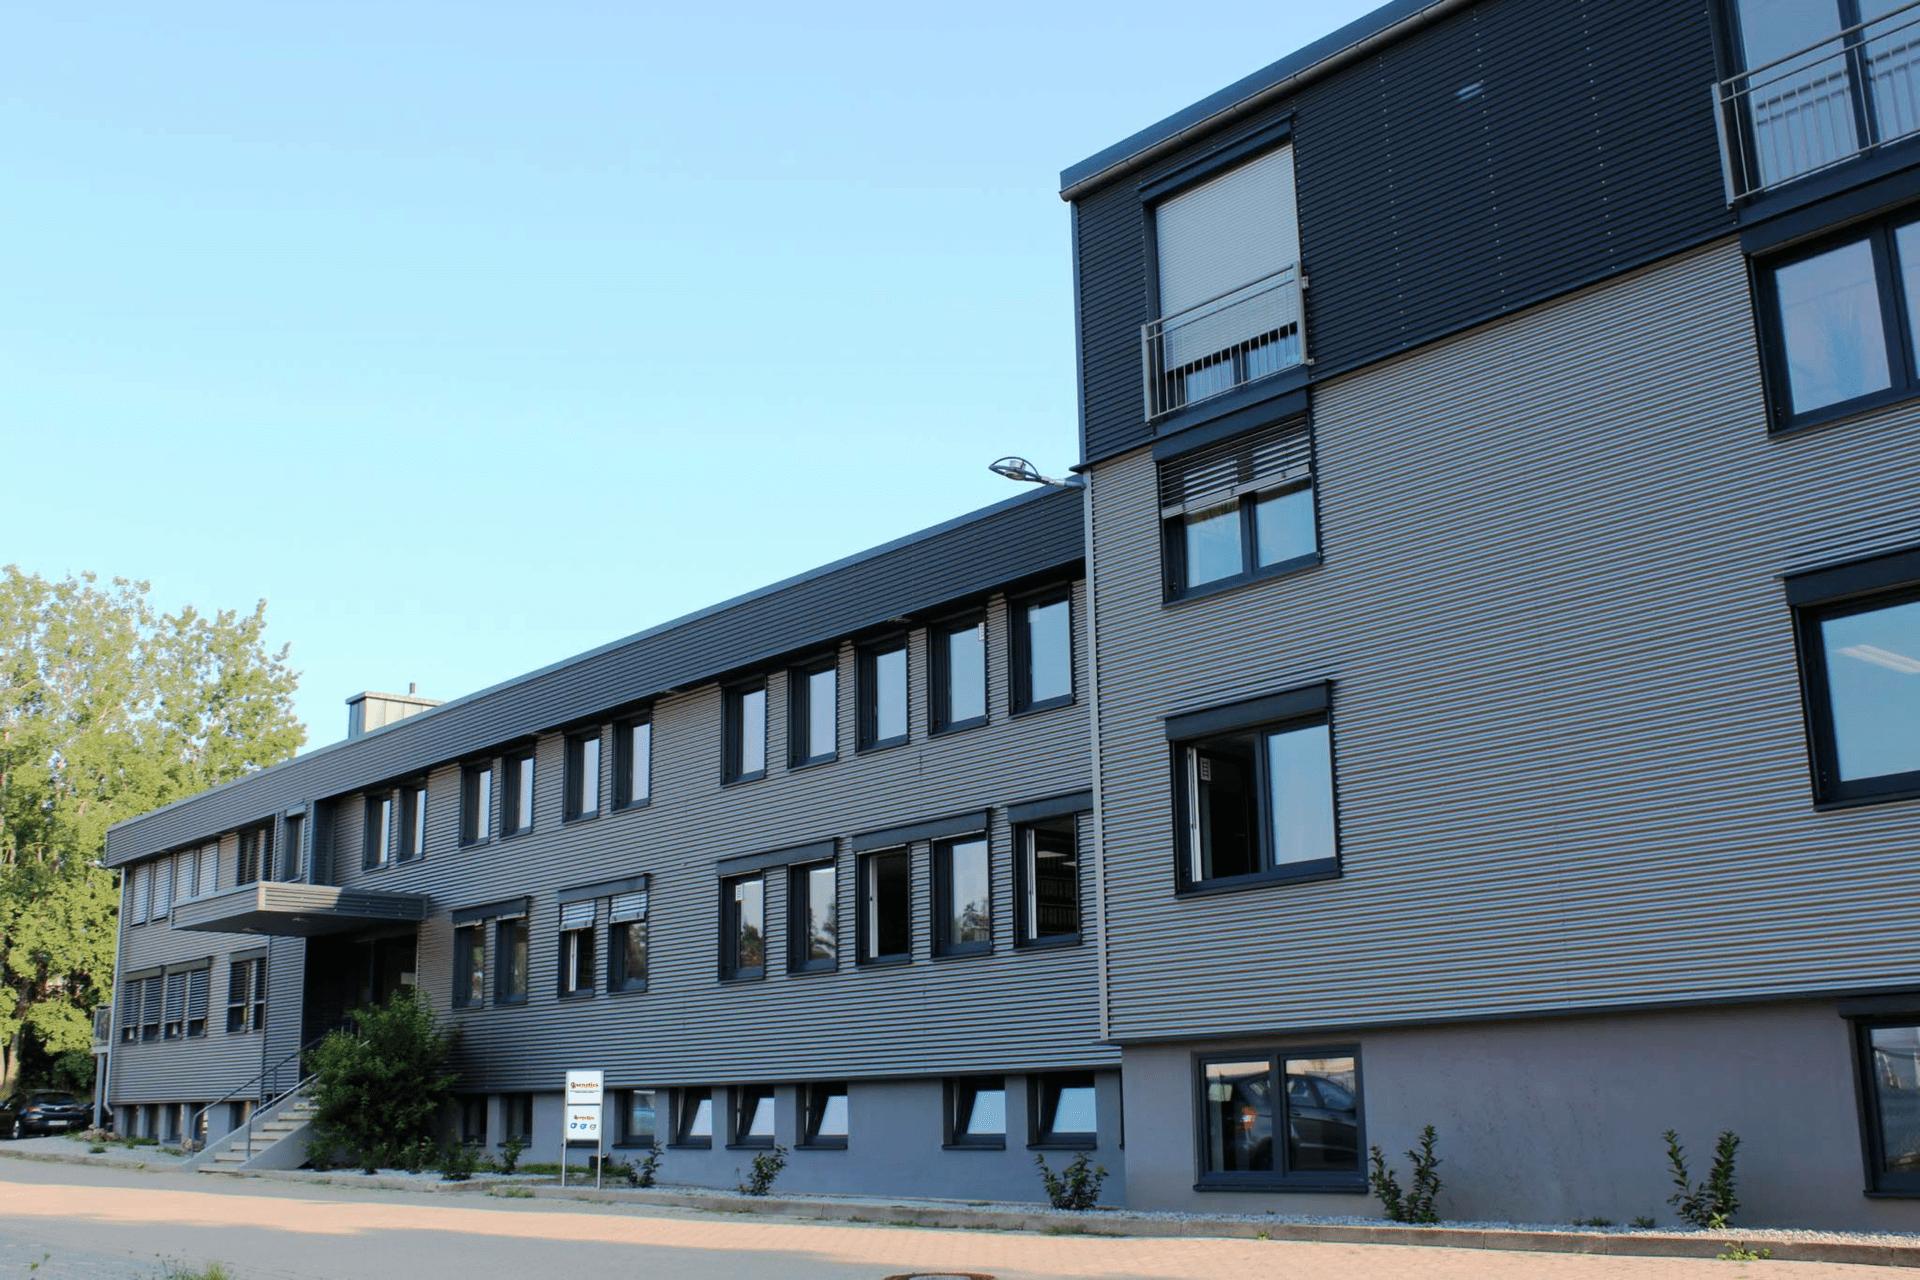 neues Gebäude für senetics in Brodswinden